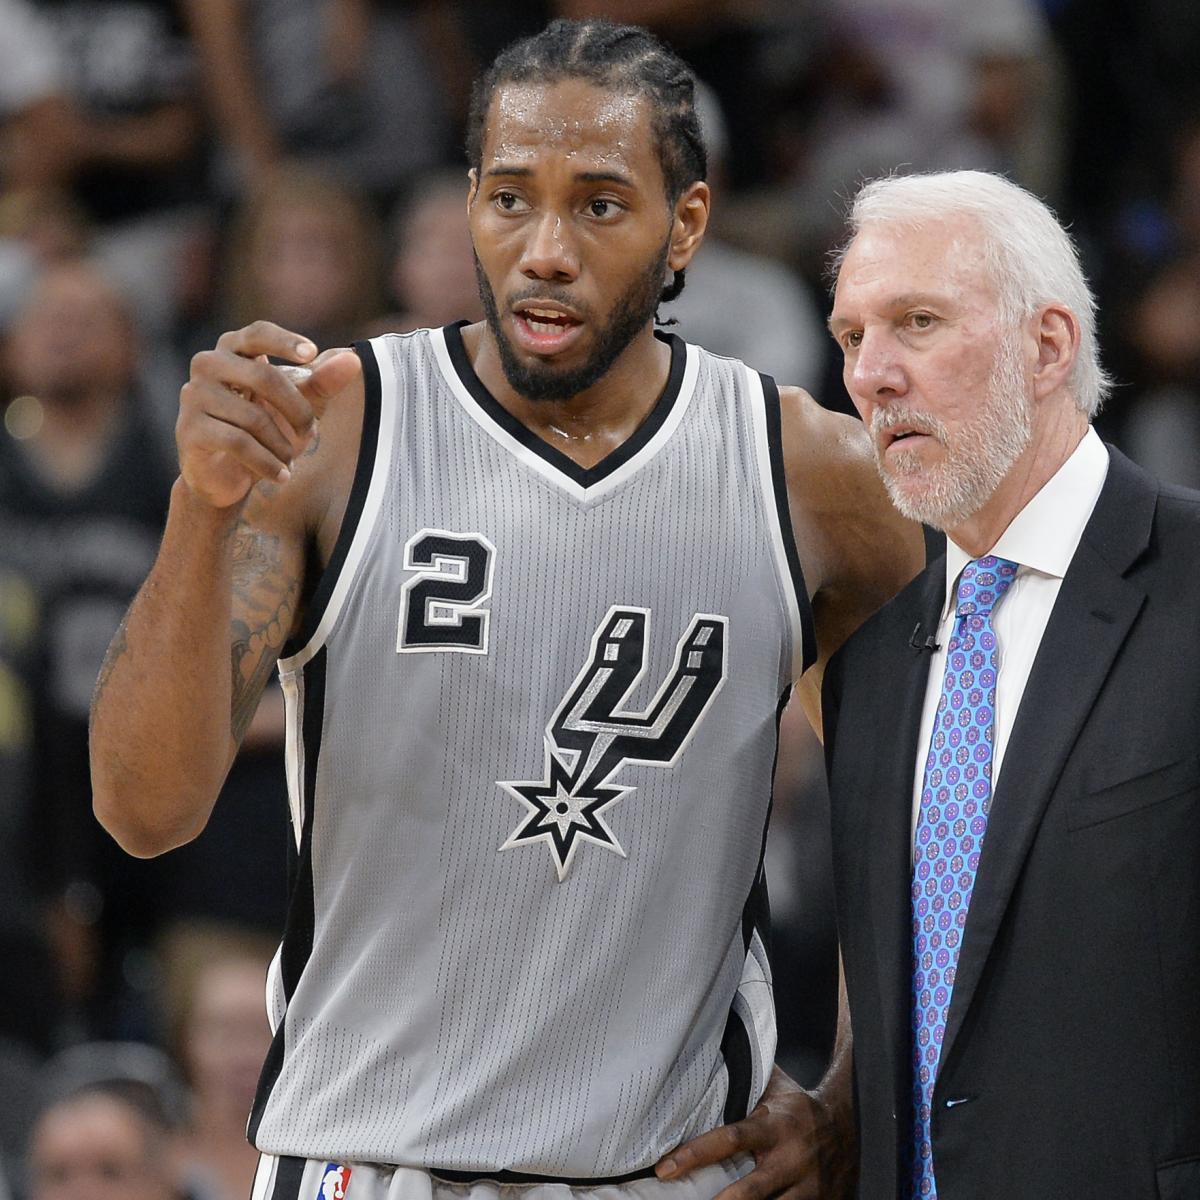 NBA Rumors: Latest on Kawhi Leonard, Cavaliers' Plans, Jonas Valanciunas Trade